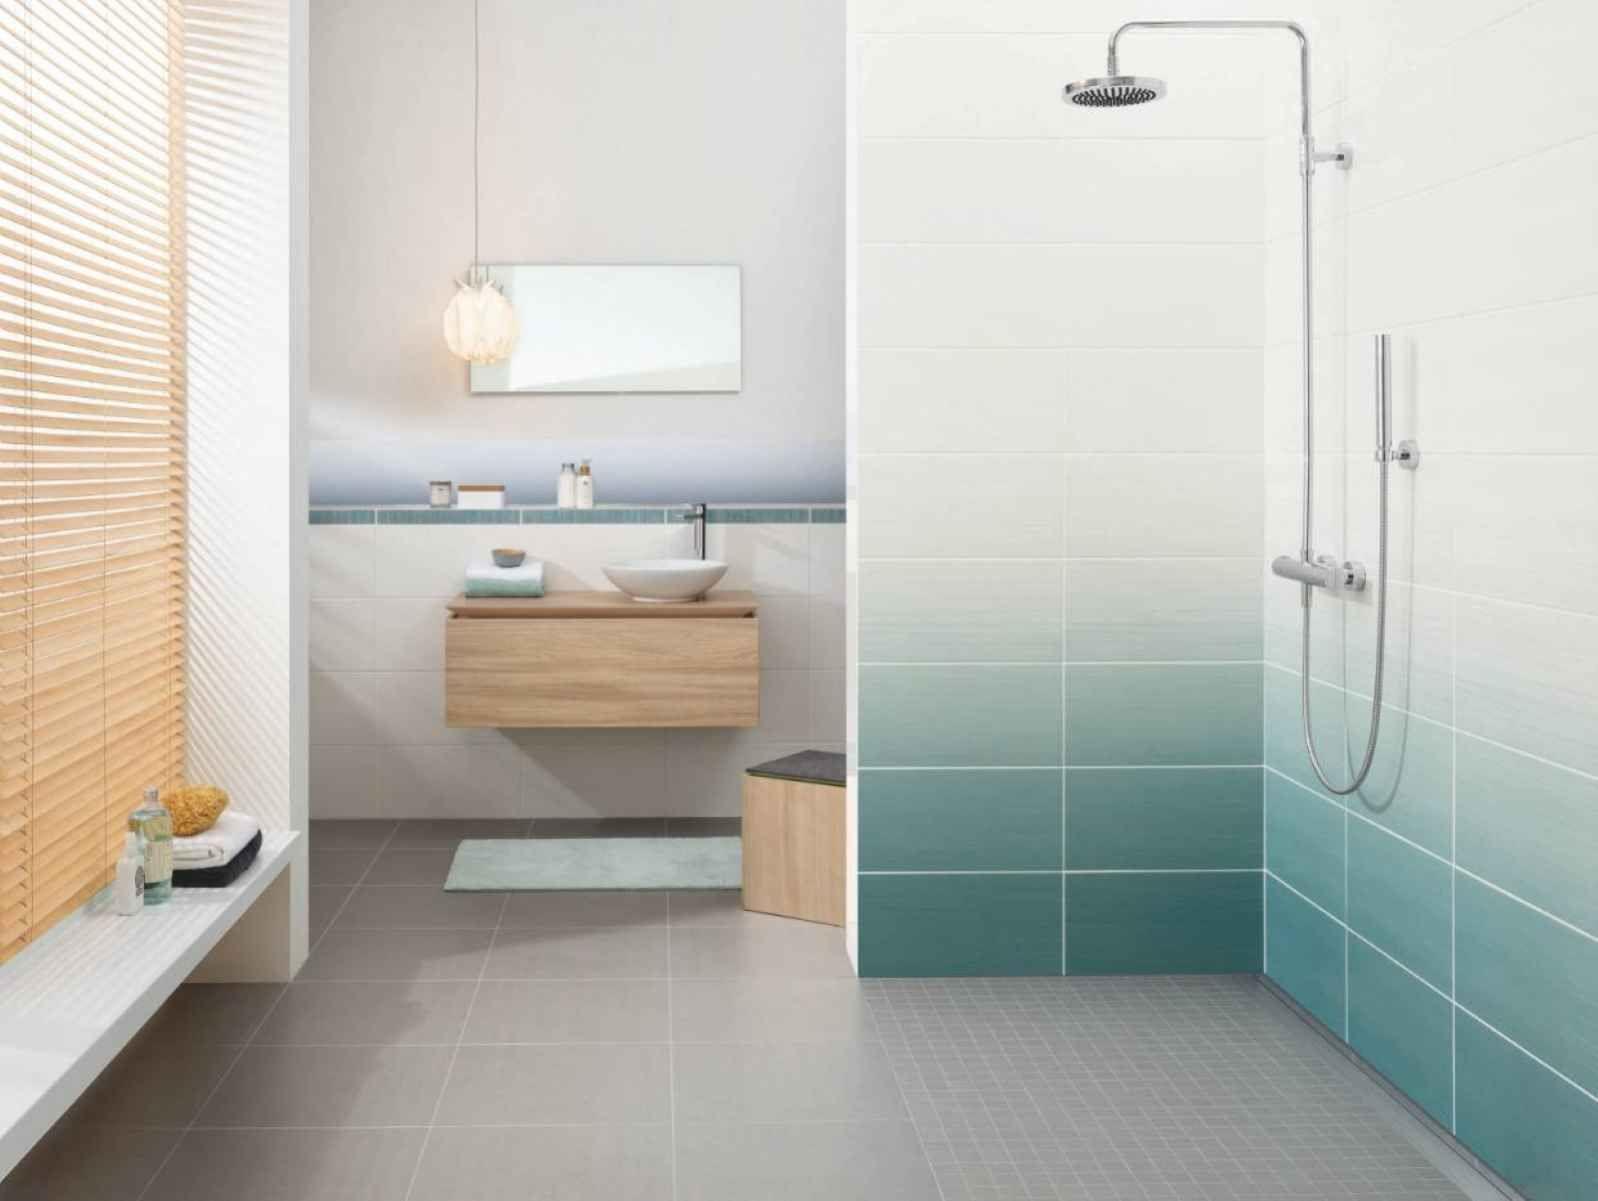 Besondere Fliesen Kollektionen von Villeroy & Boch für Badezimmer